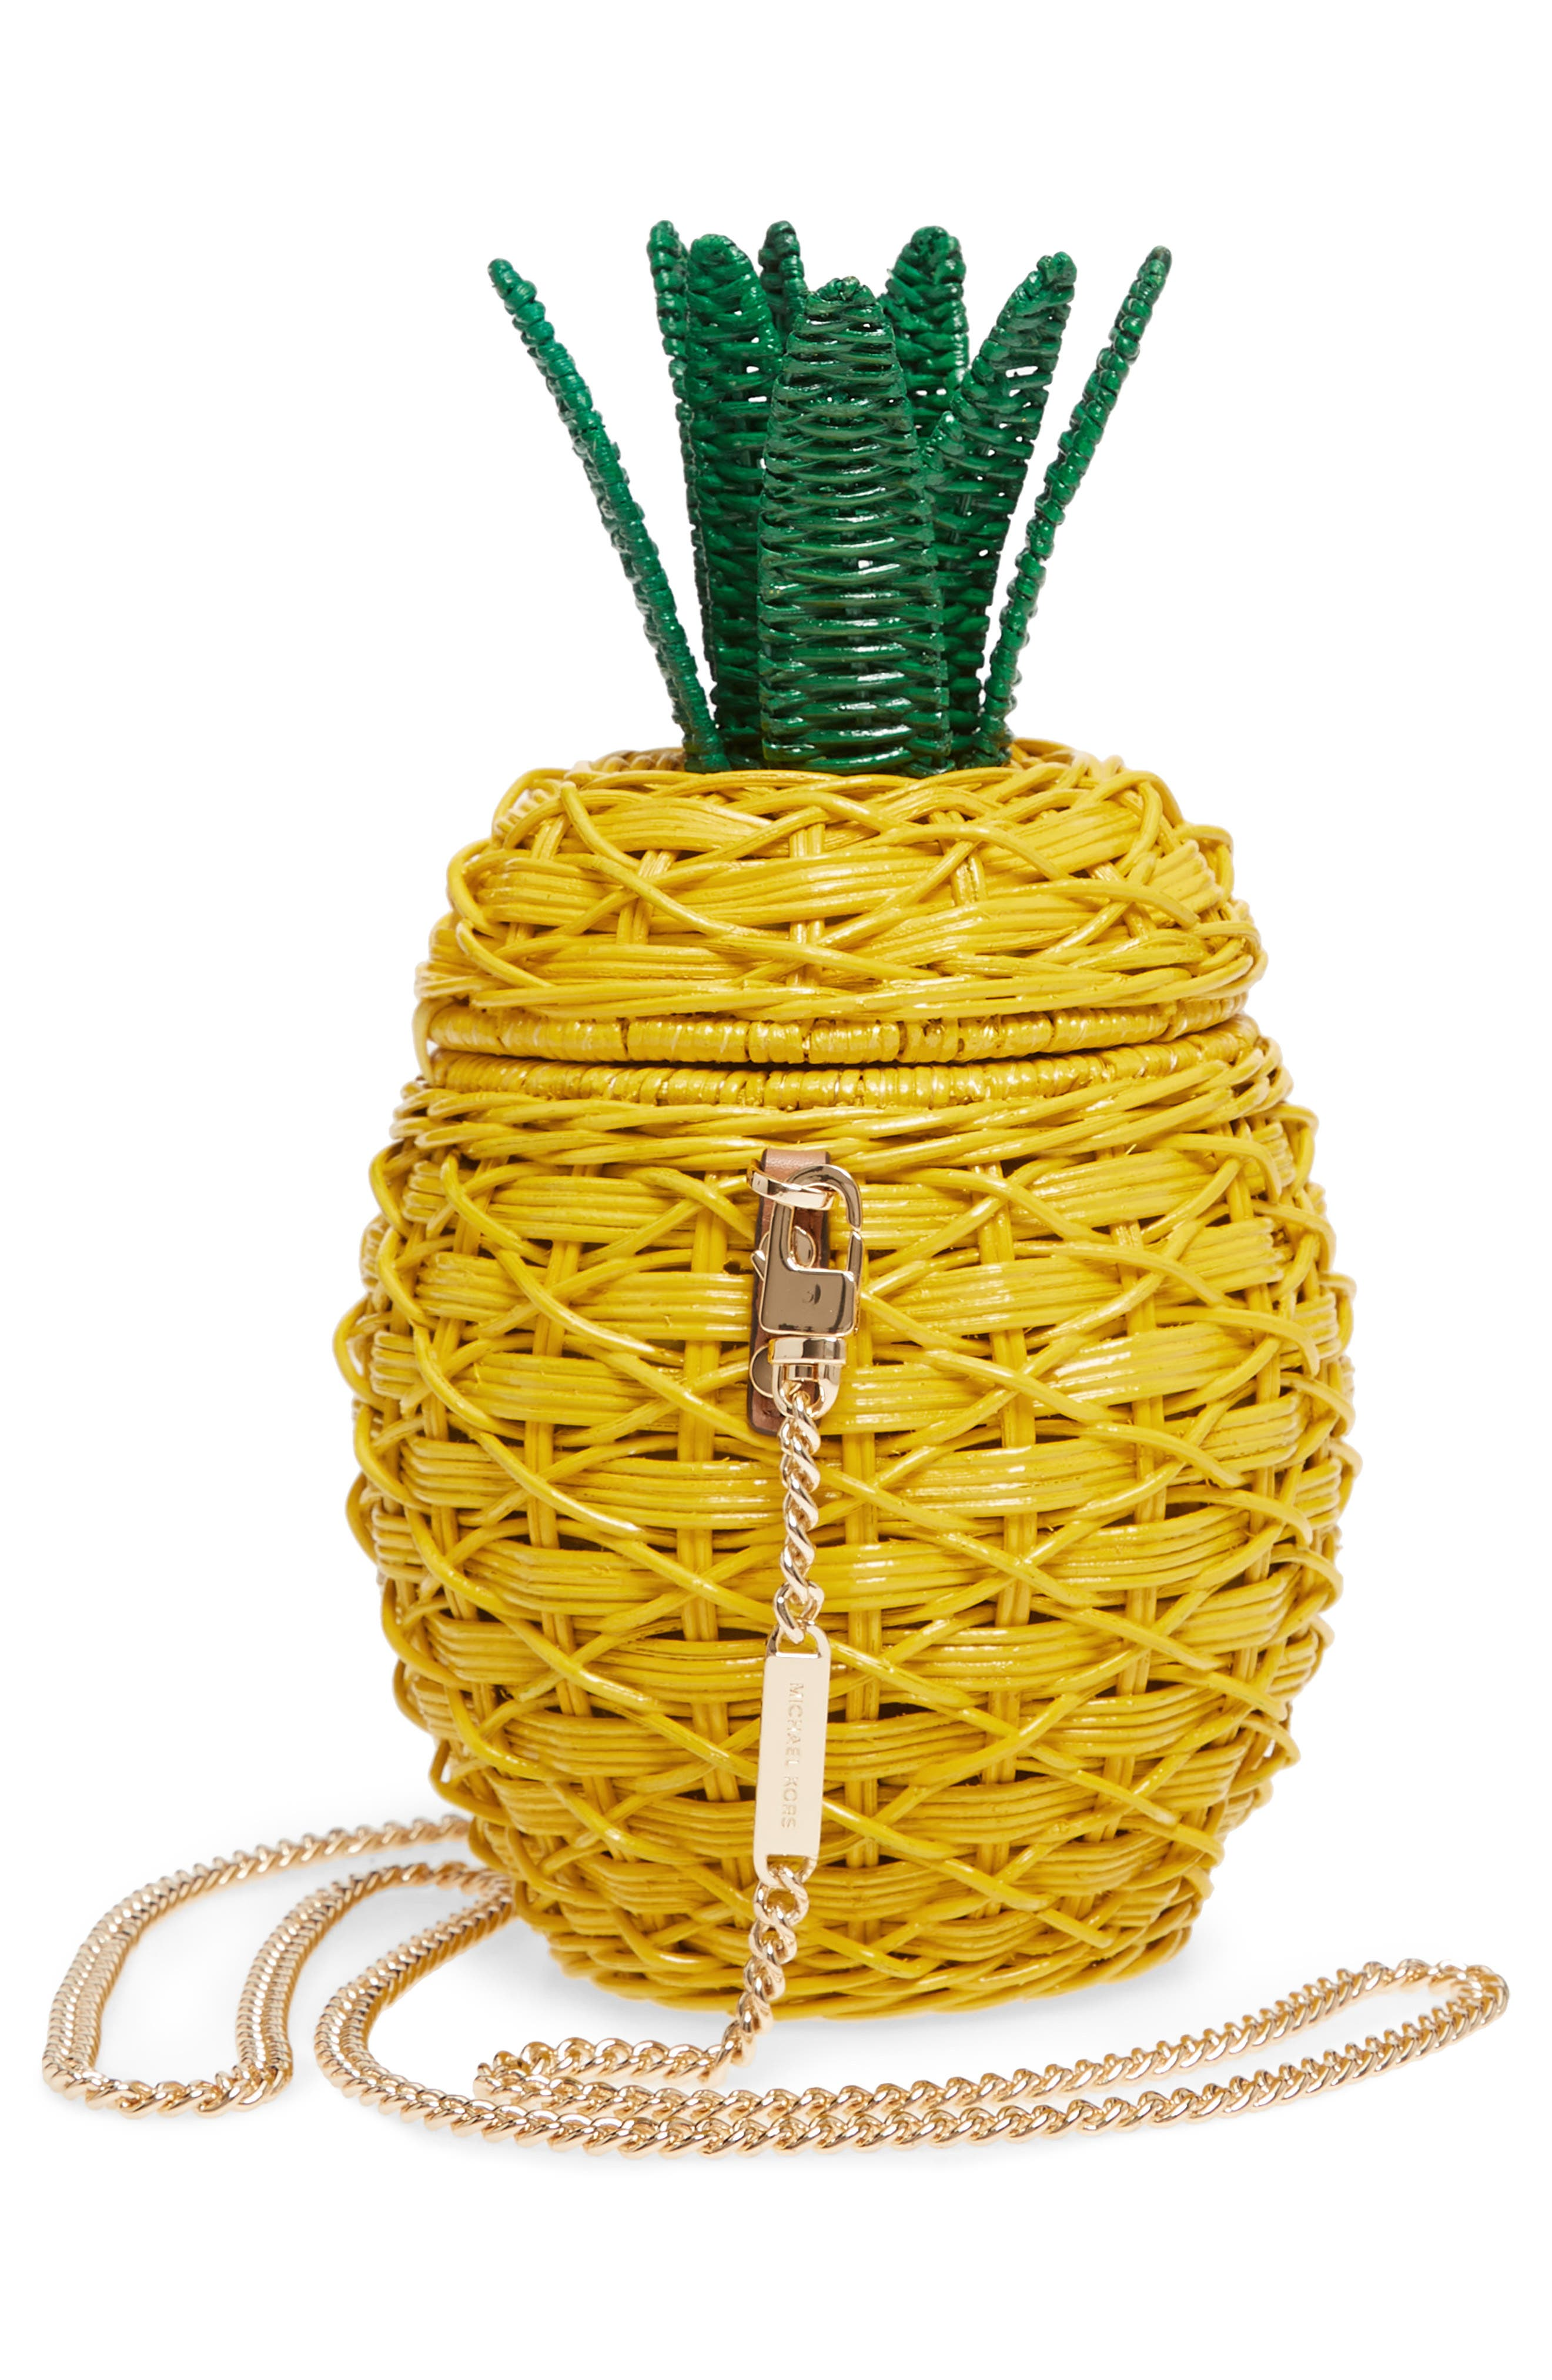 MICHAEL Michael Kors Wicker Pineapple Shoulder Bag,                             Alternate thumbnail 5, color,                             Sunflower